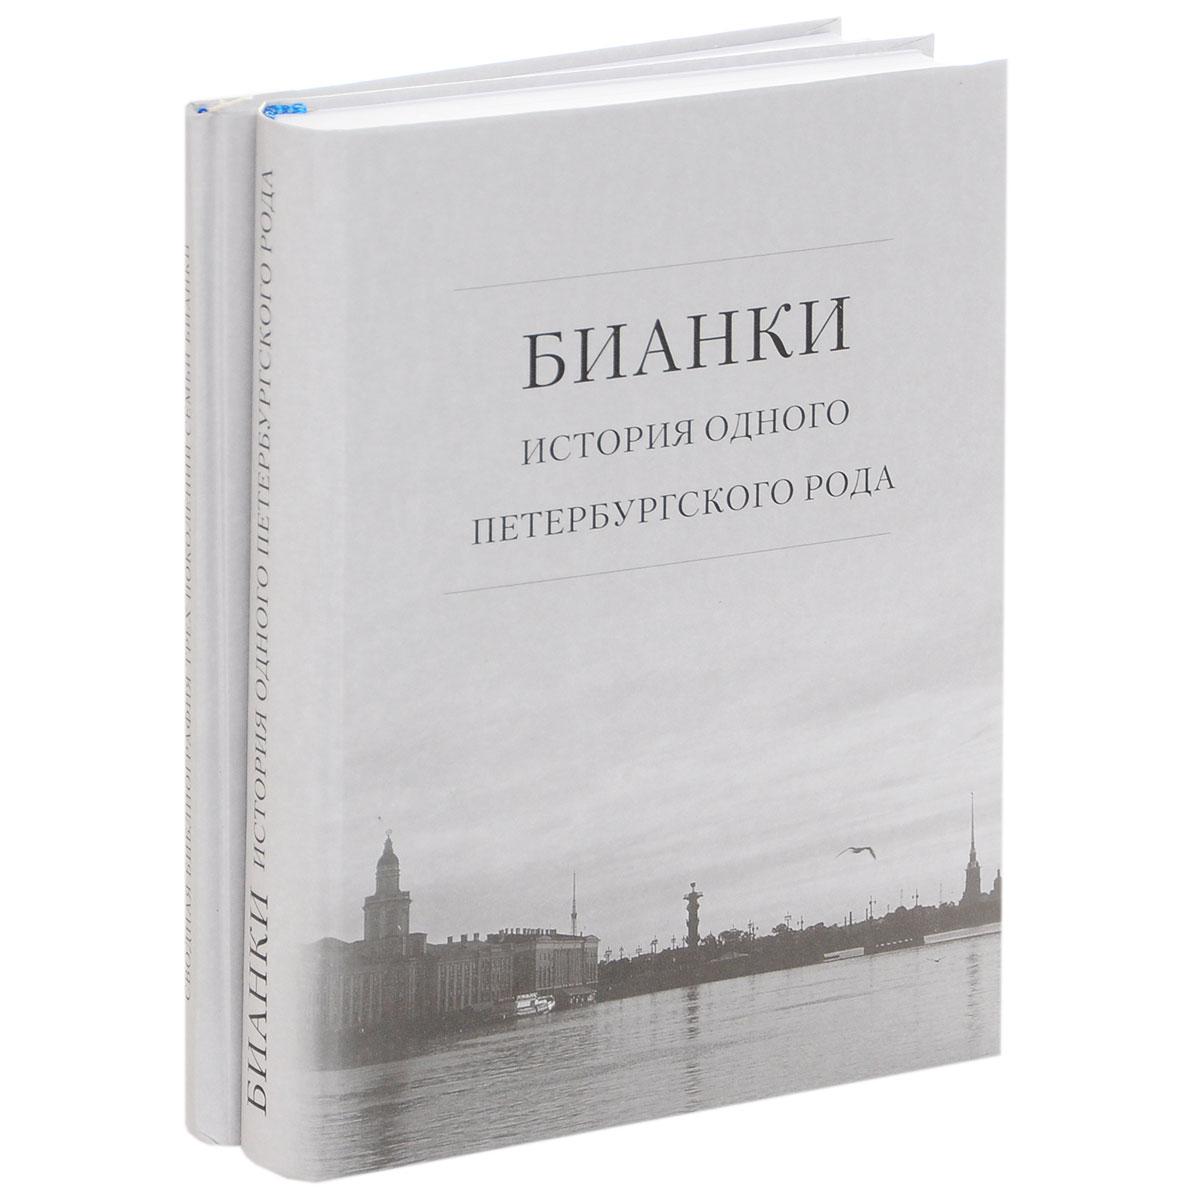 Бианки. История одного петербургского рода. Сводная библиография трех поколений семьи Бианки (комплект из 2 книг)